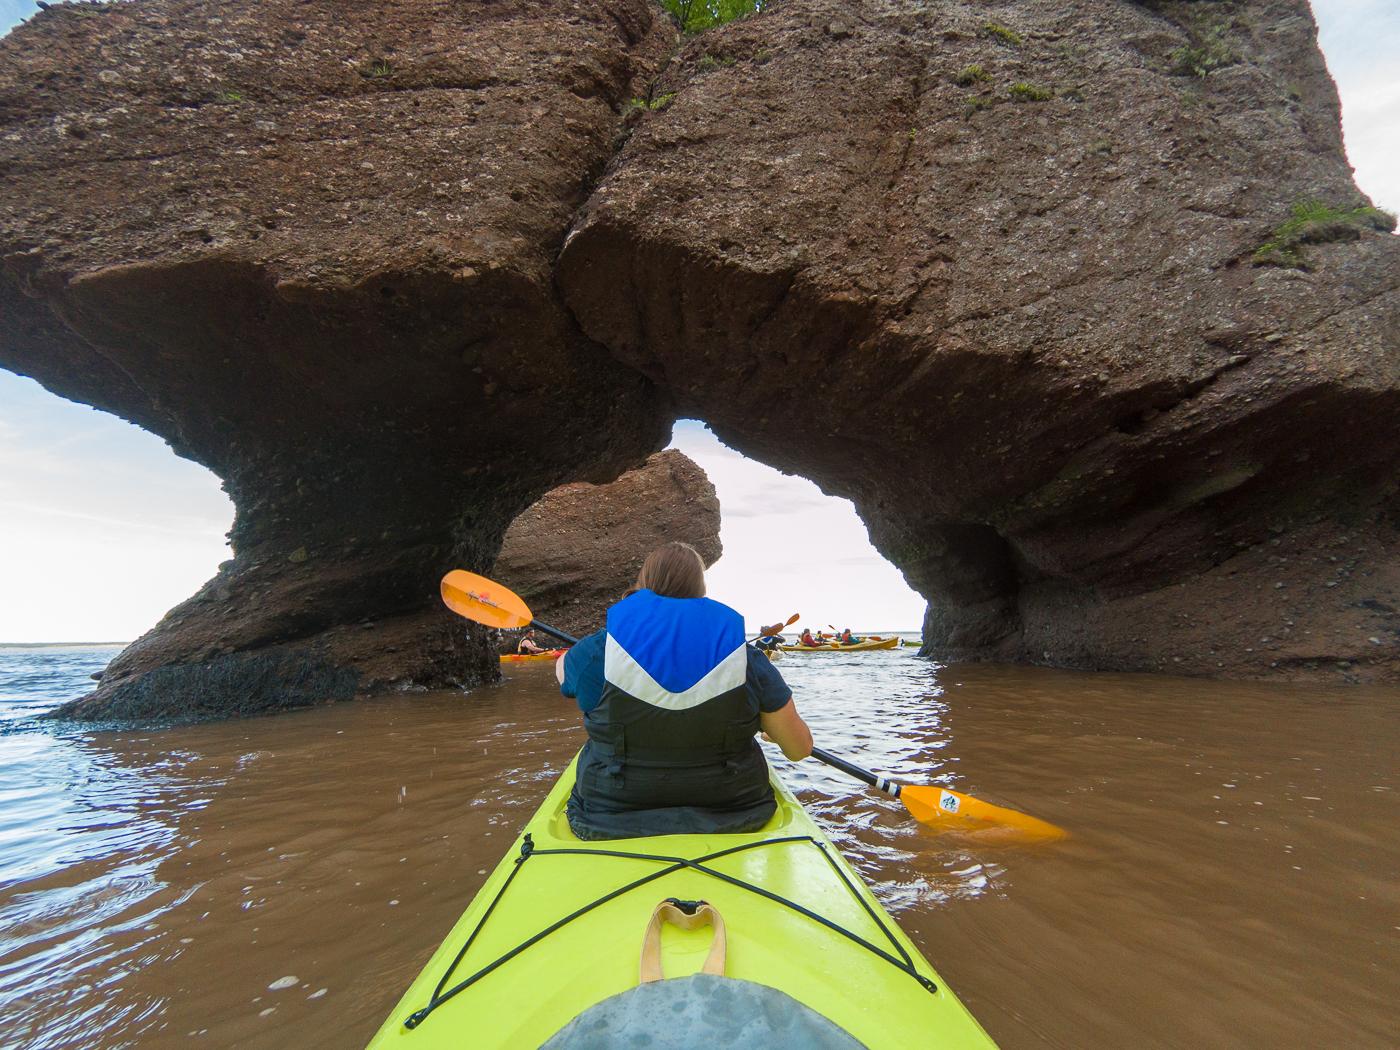 En kayak sous l'arche de la baie de Fundy